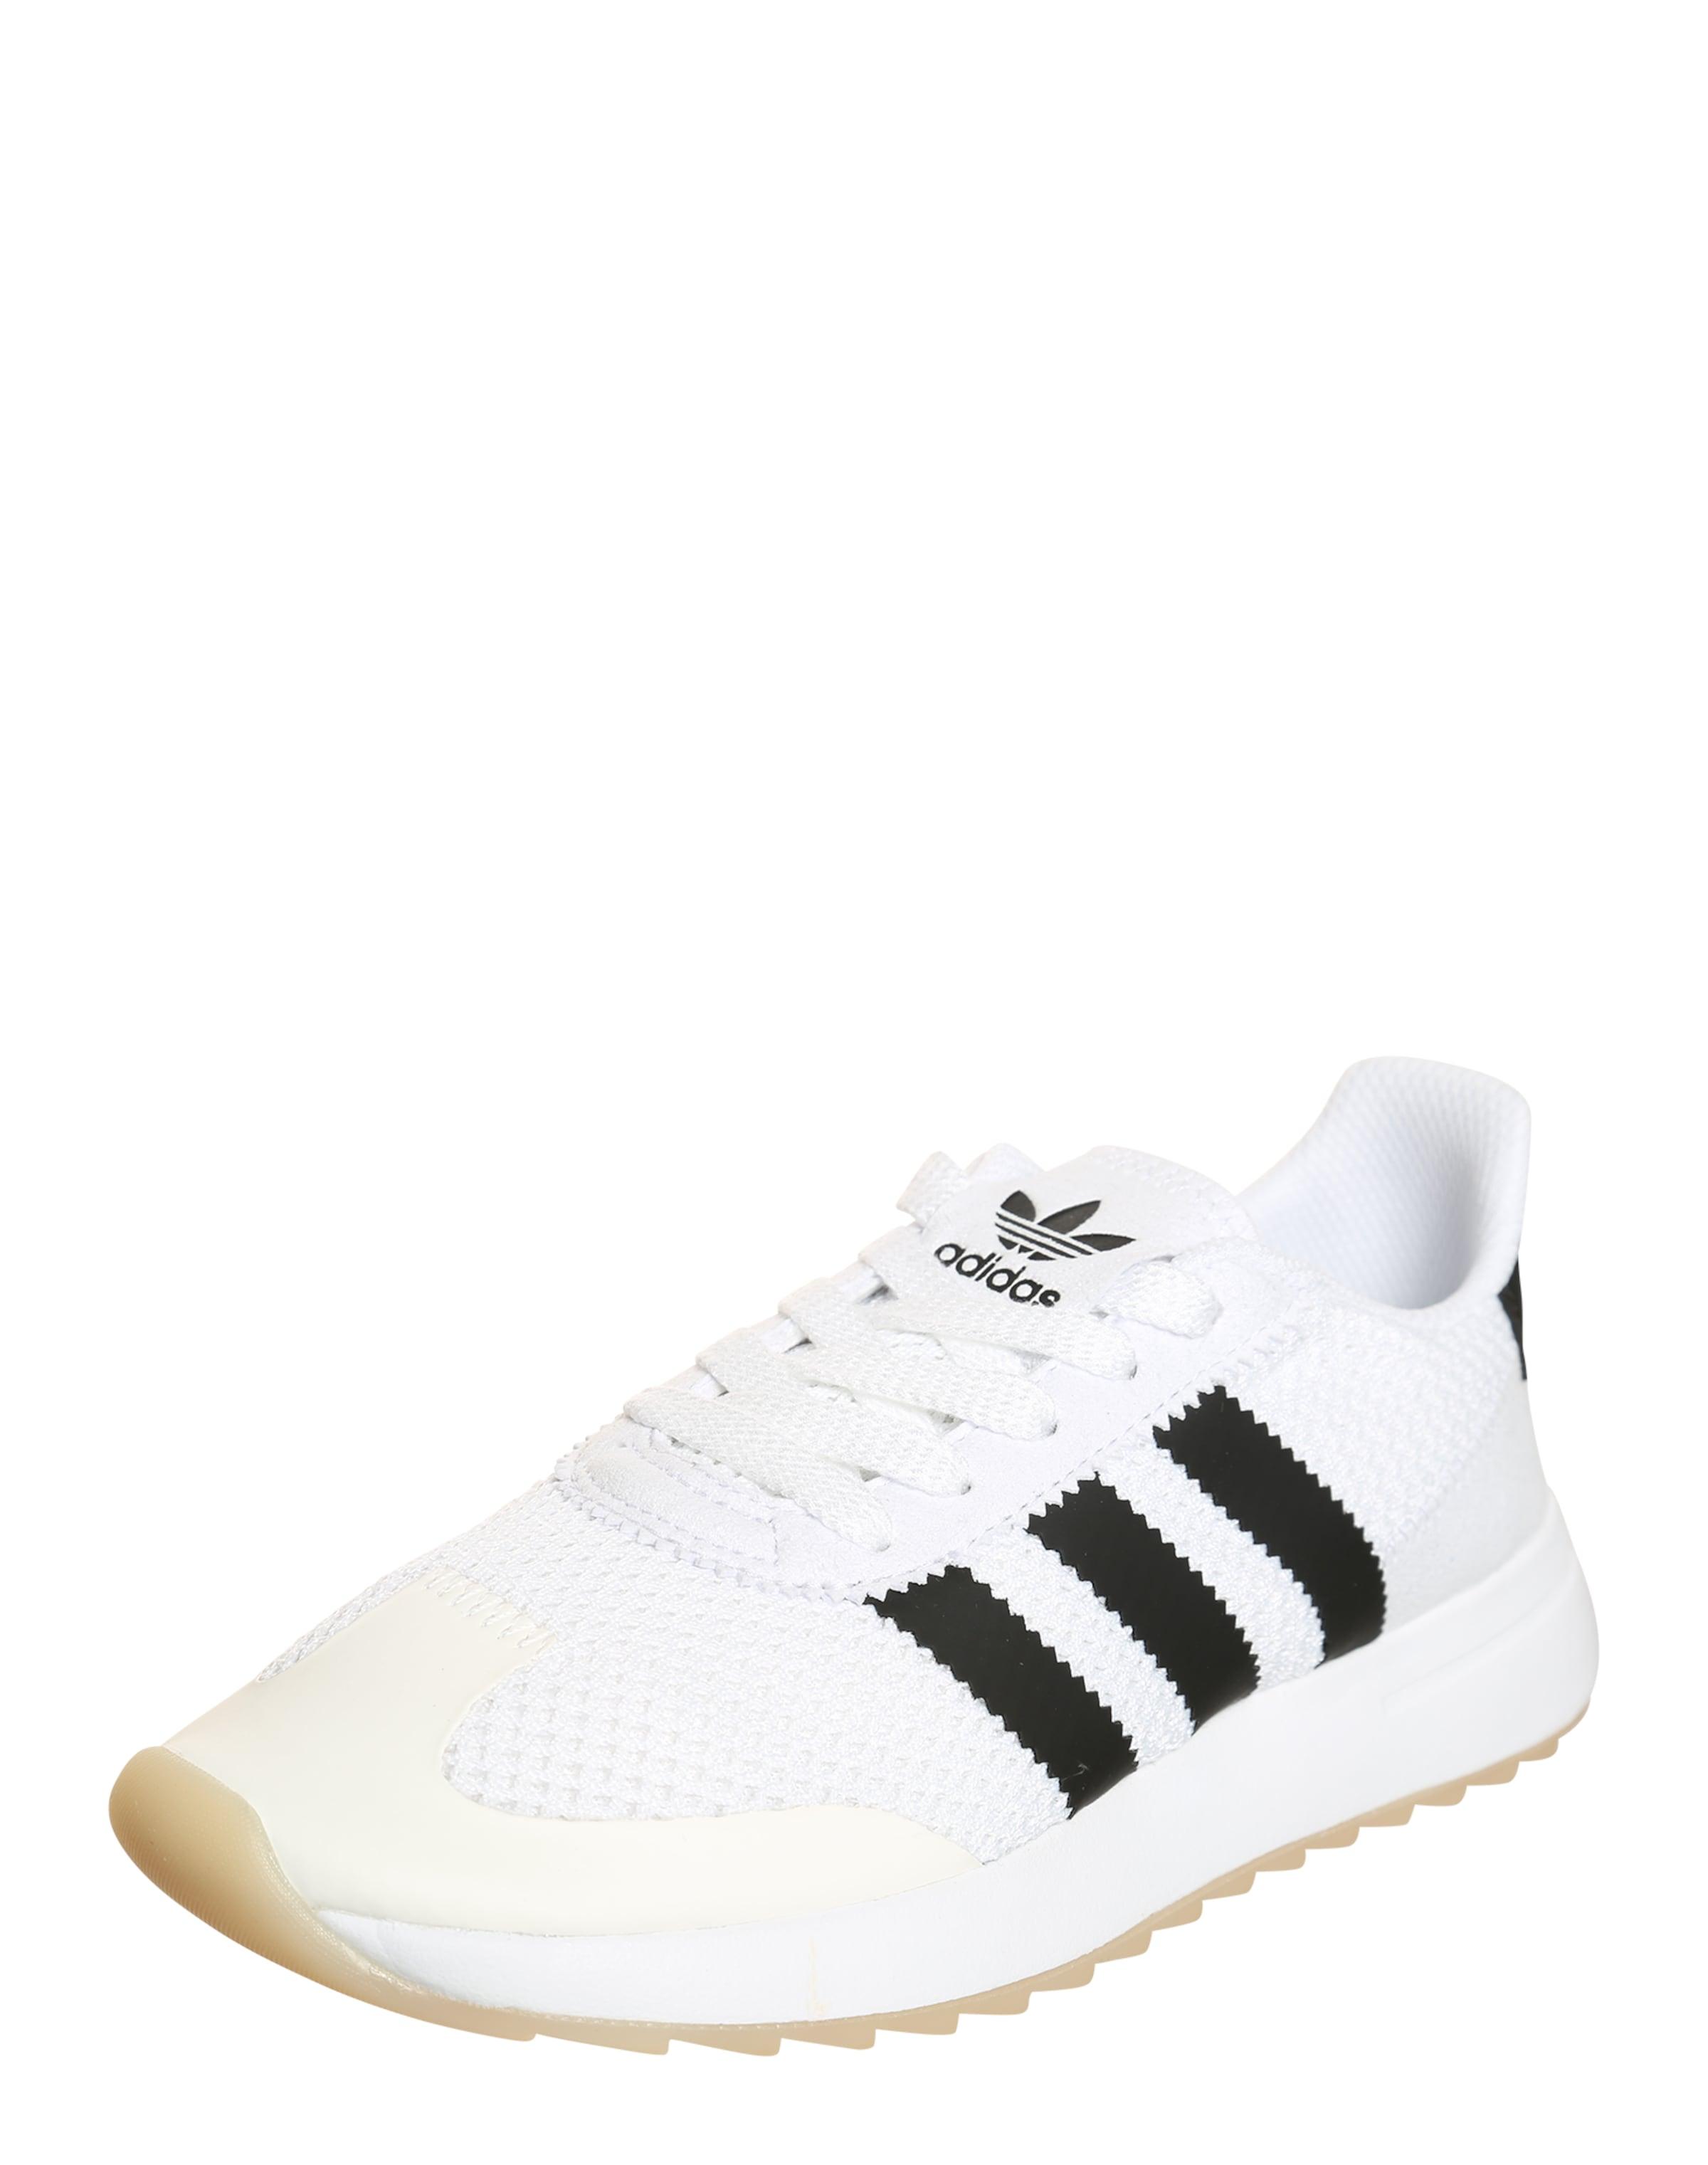 ADIDAS ORIGINALS Sneaker Flashback Verschleißfeste billige Schuhe